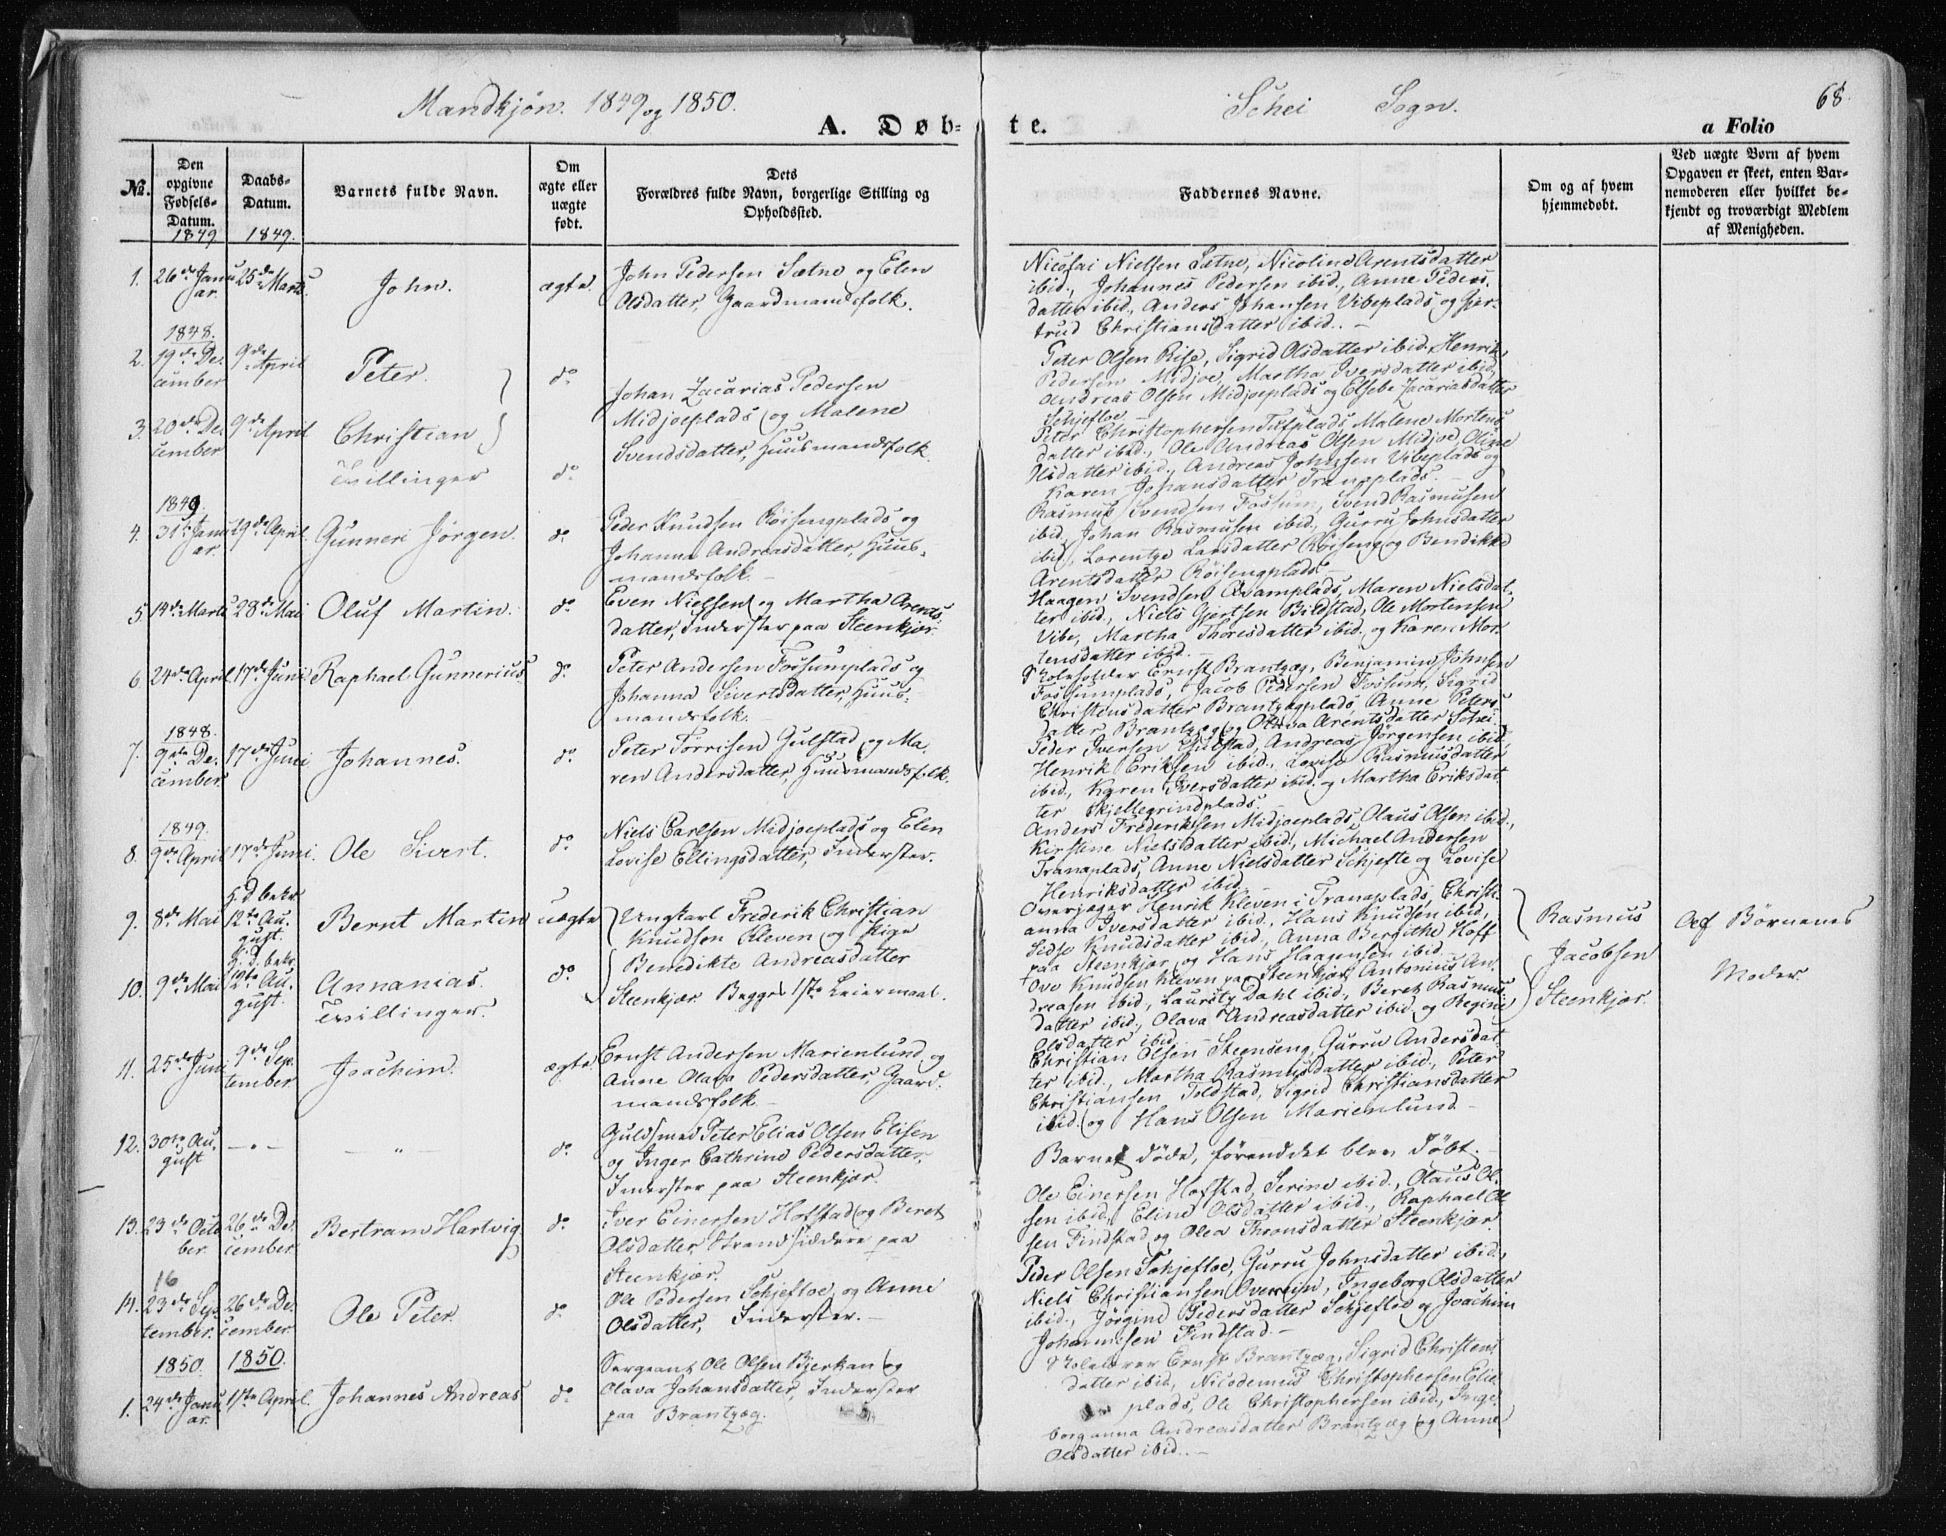 SAT, Ministerialprotokoller, klokkerbøker og fødselsregistre - Nord-Trøndelag, 735/L0342: Ministerialbok nr. 735A07 /2, 1849-1862, s. 68